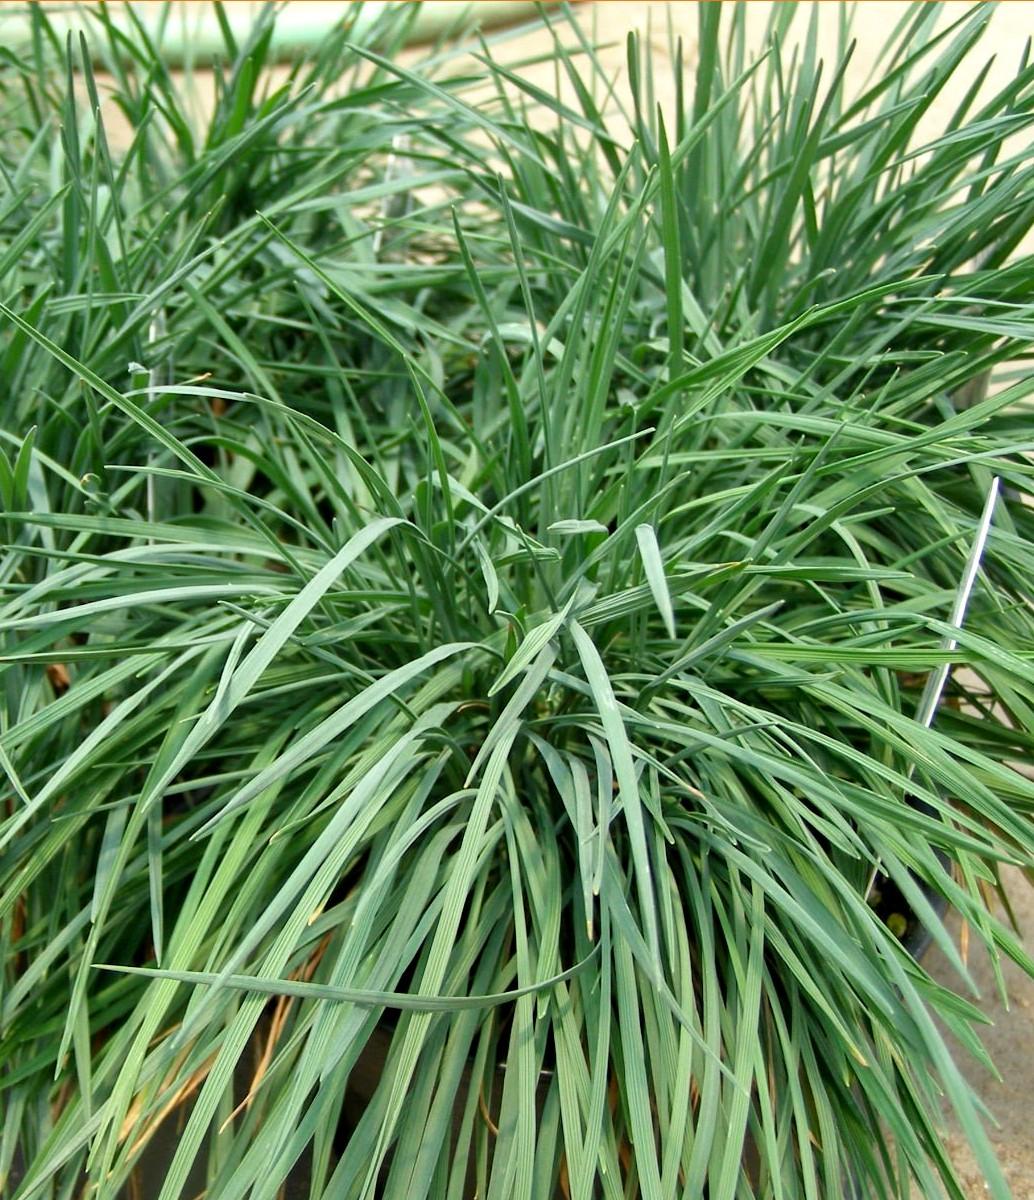 strzeplica coolio - zimozielona trawa wieloletnia